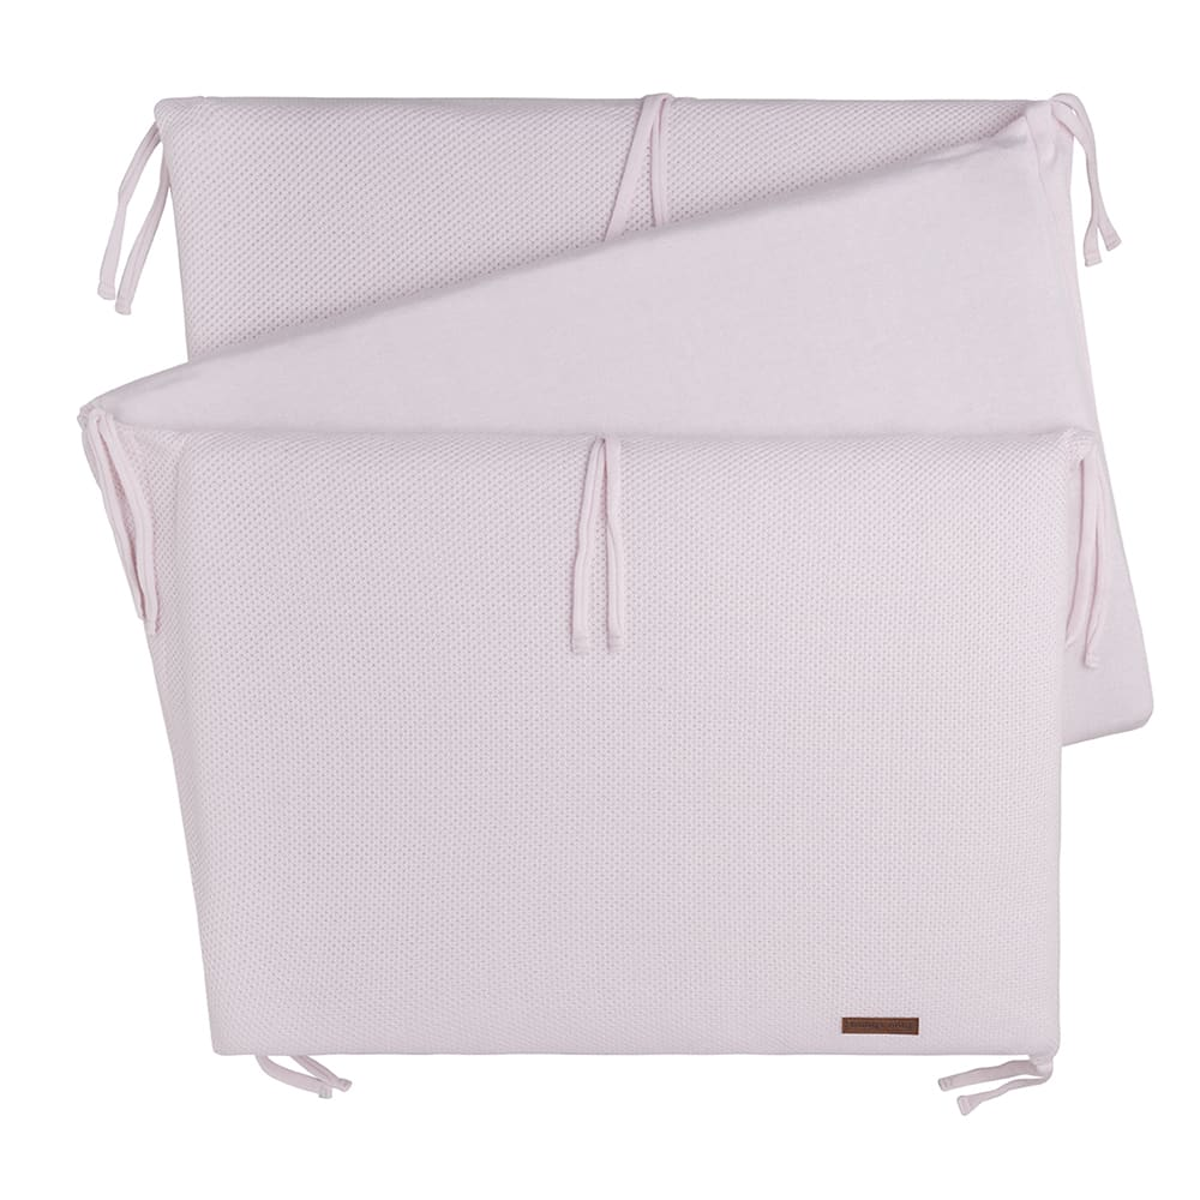 bed bumper classic pink